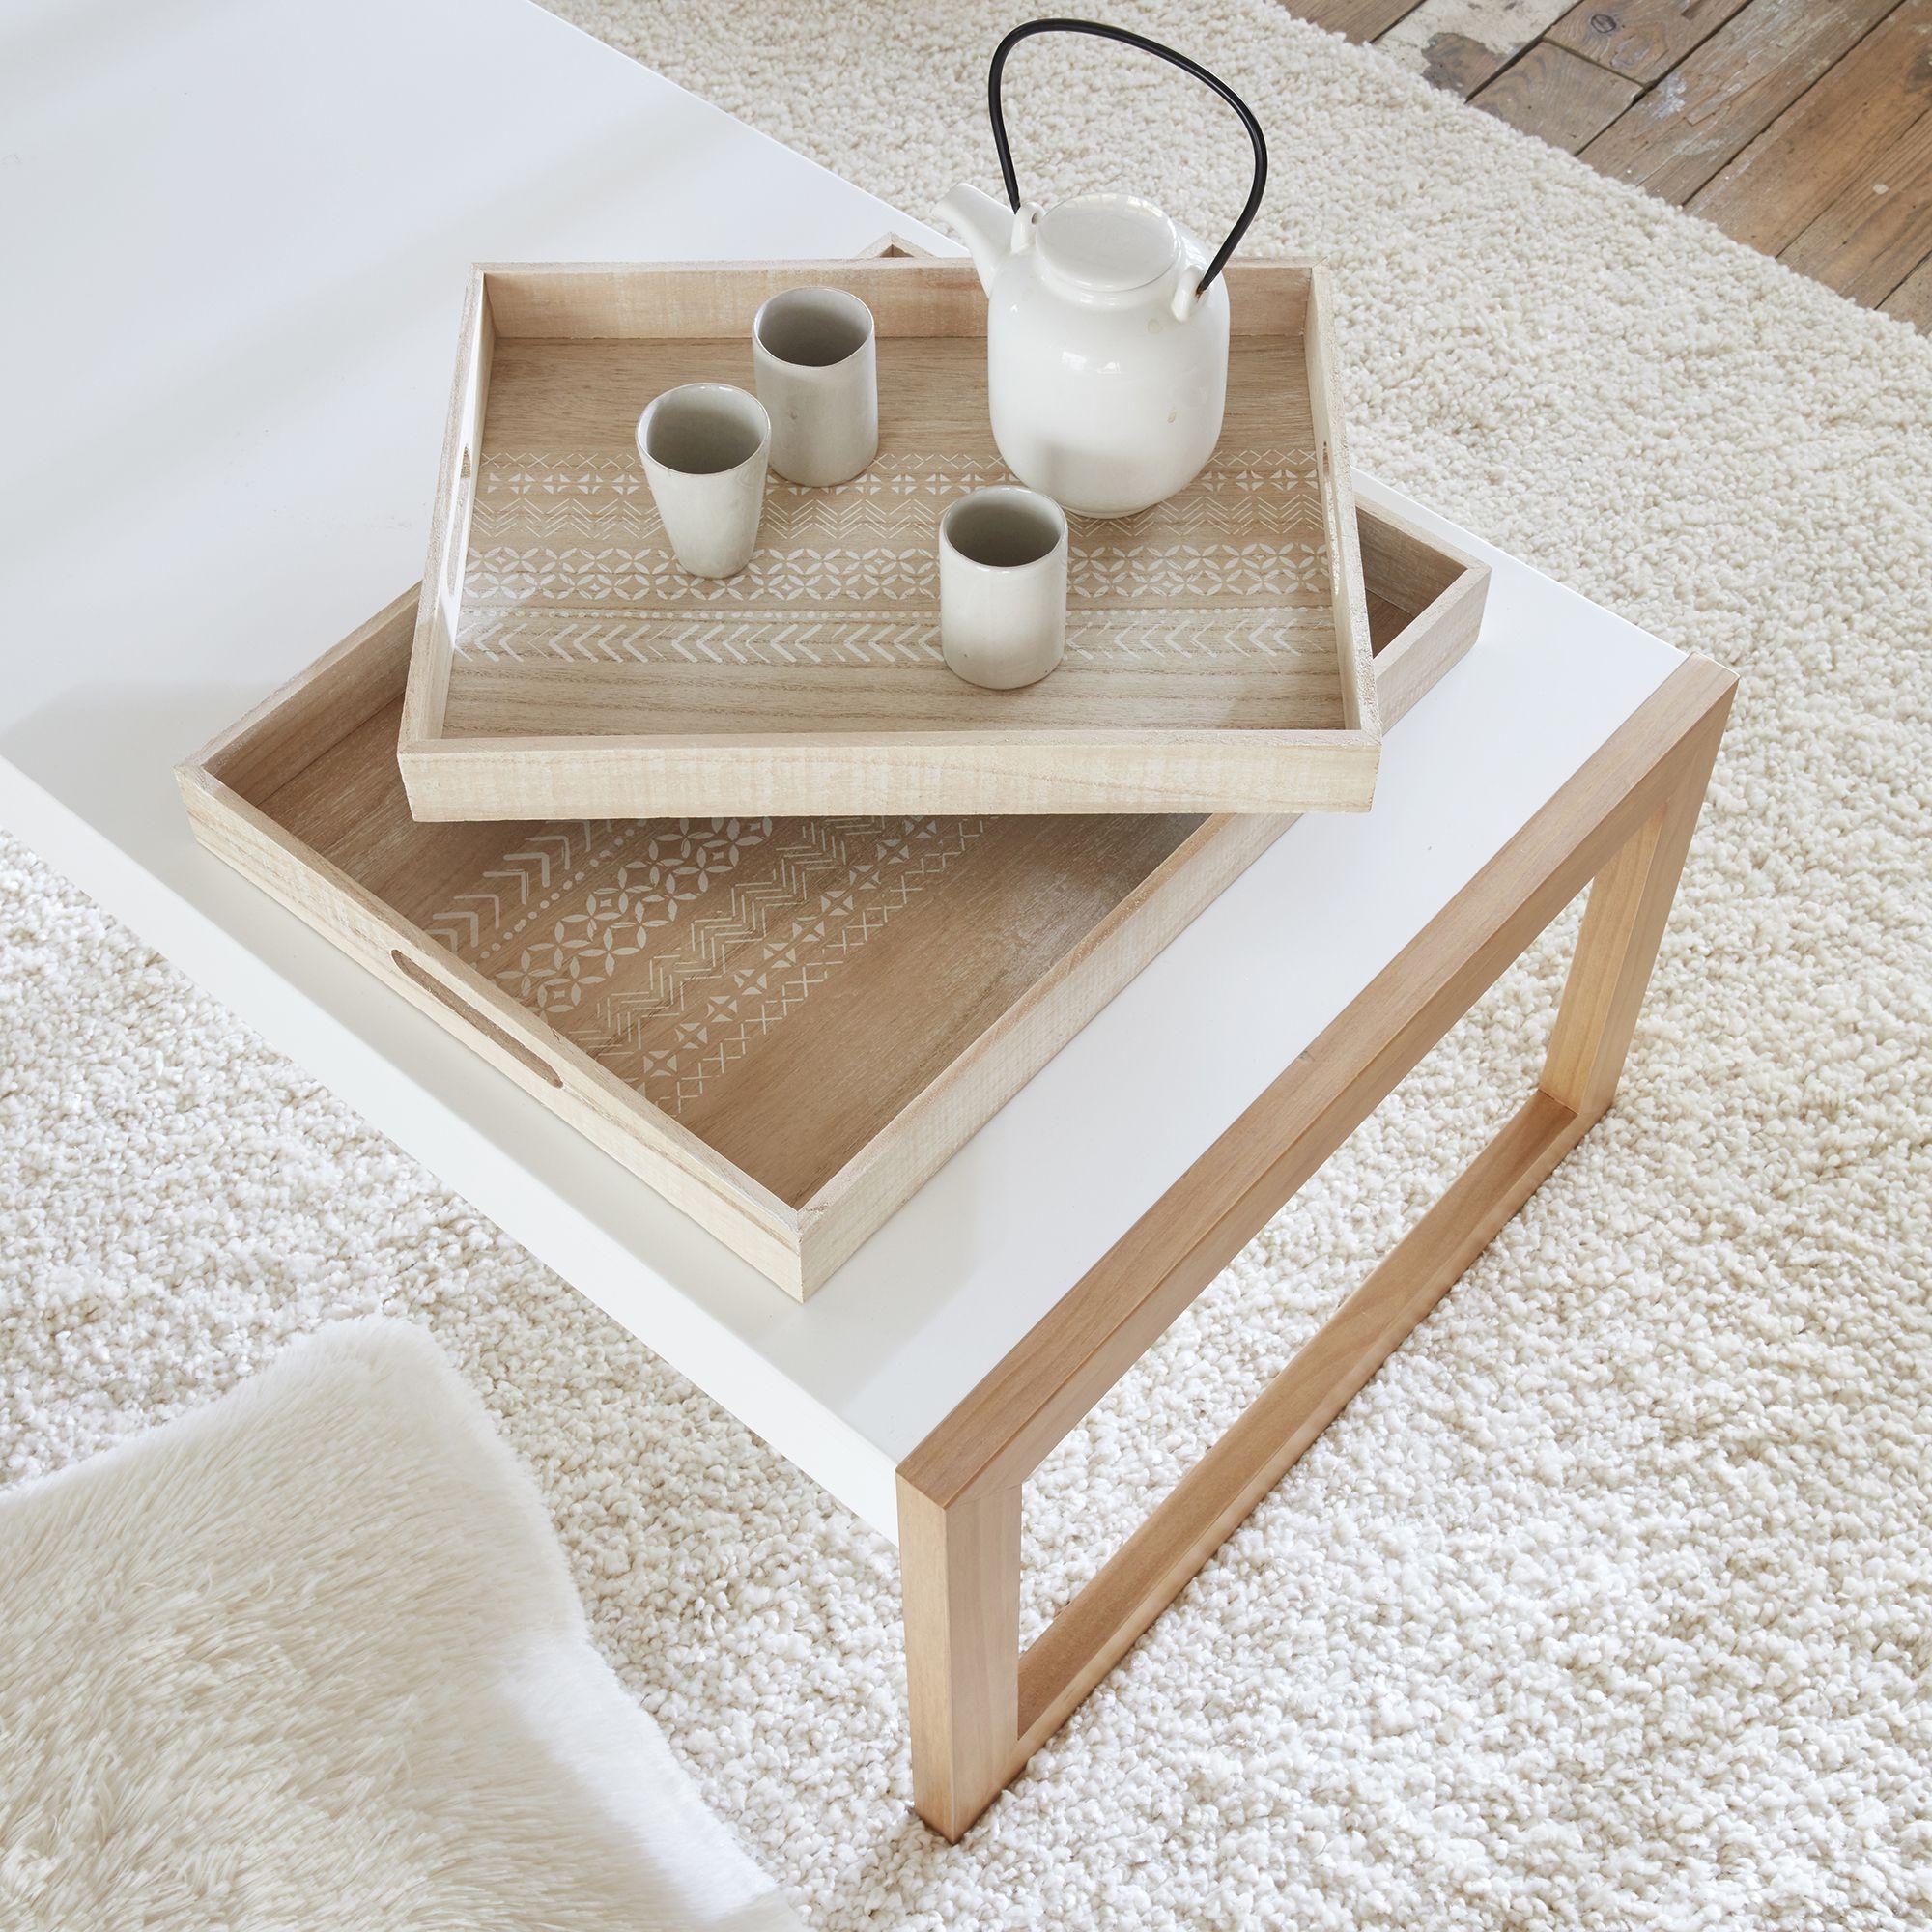 Prenez Votre Petitdejeuner En Mode Cocooning Table Basse  # Mode De Table De Basse